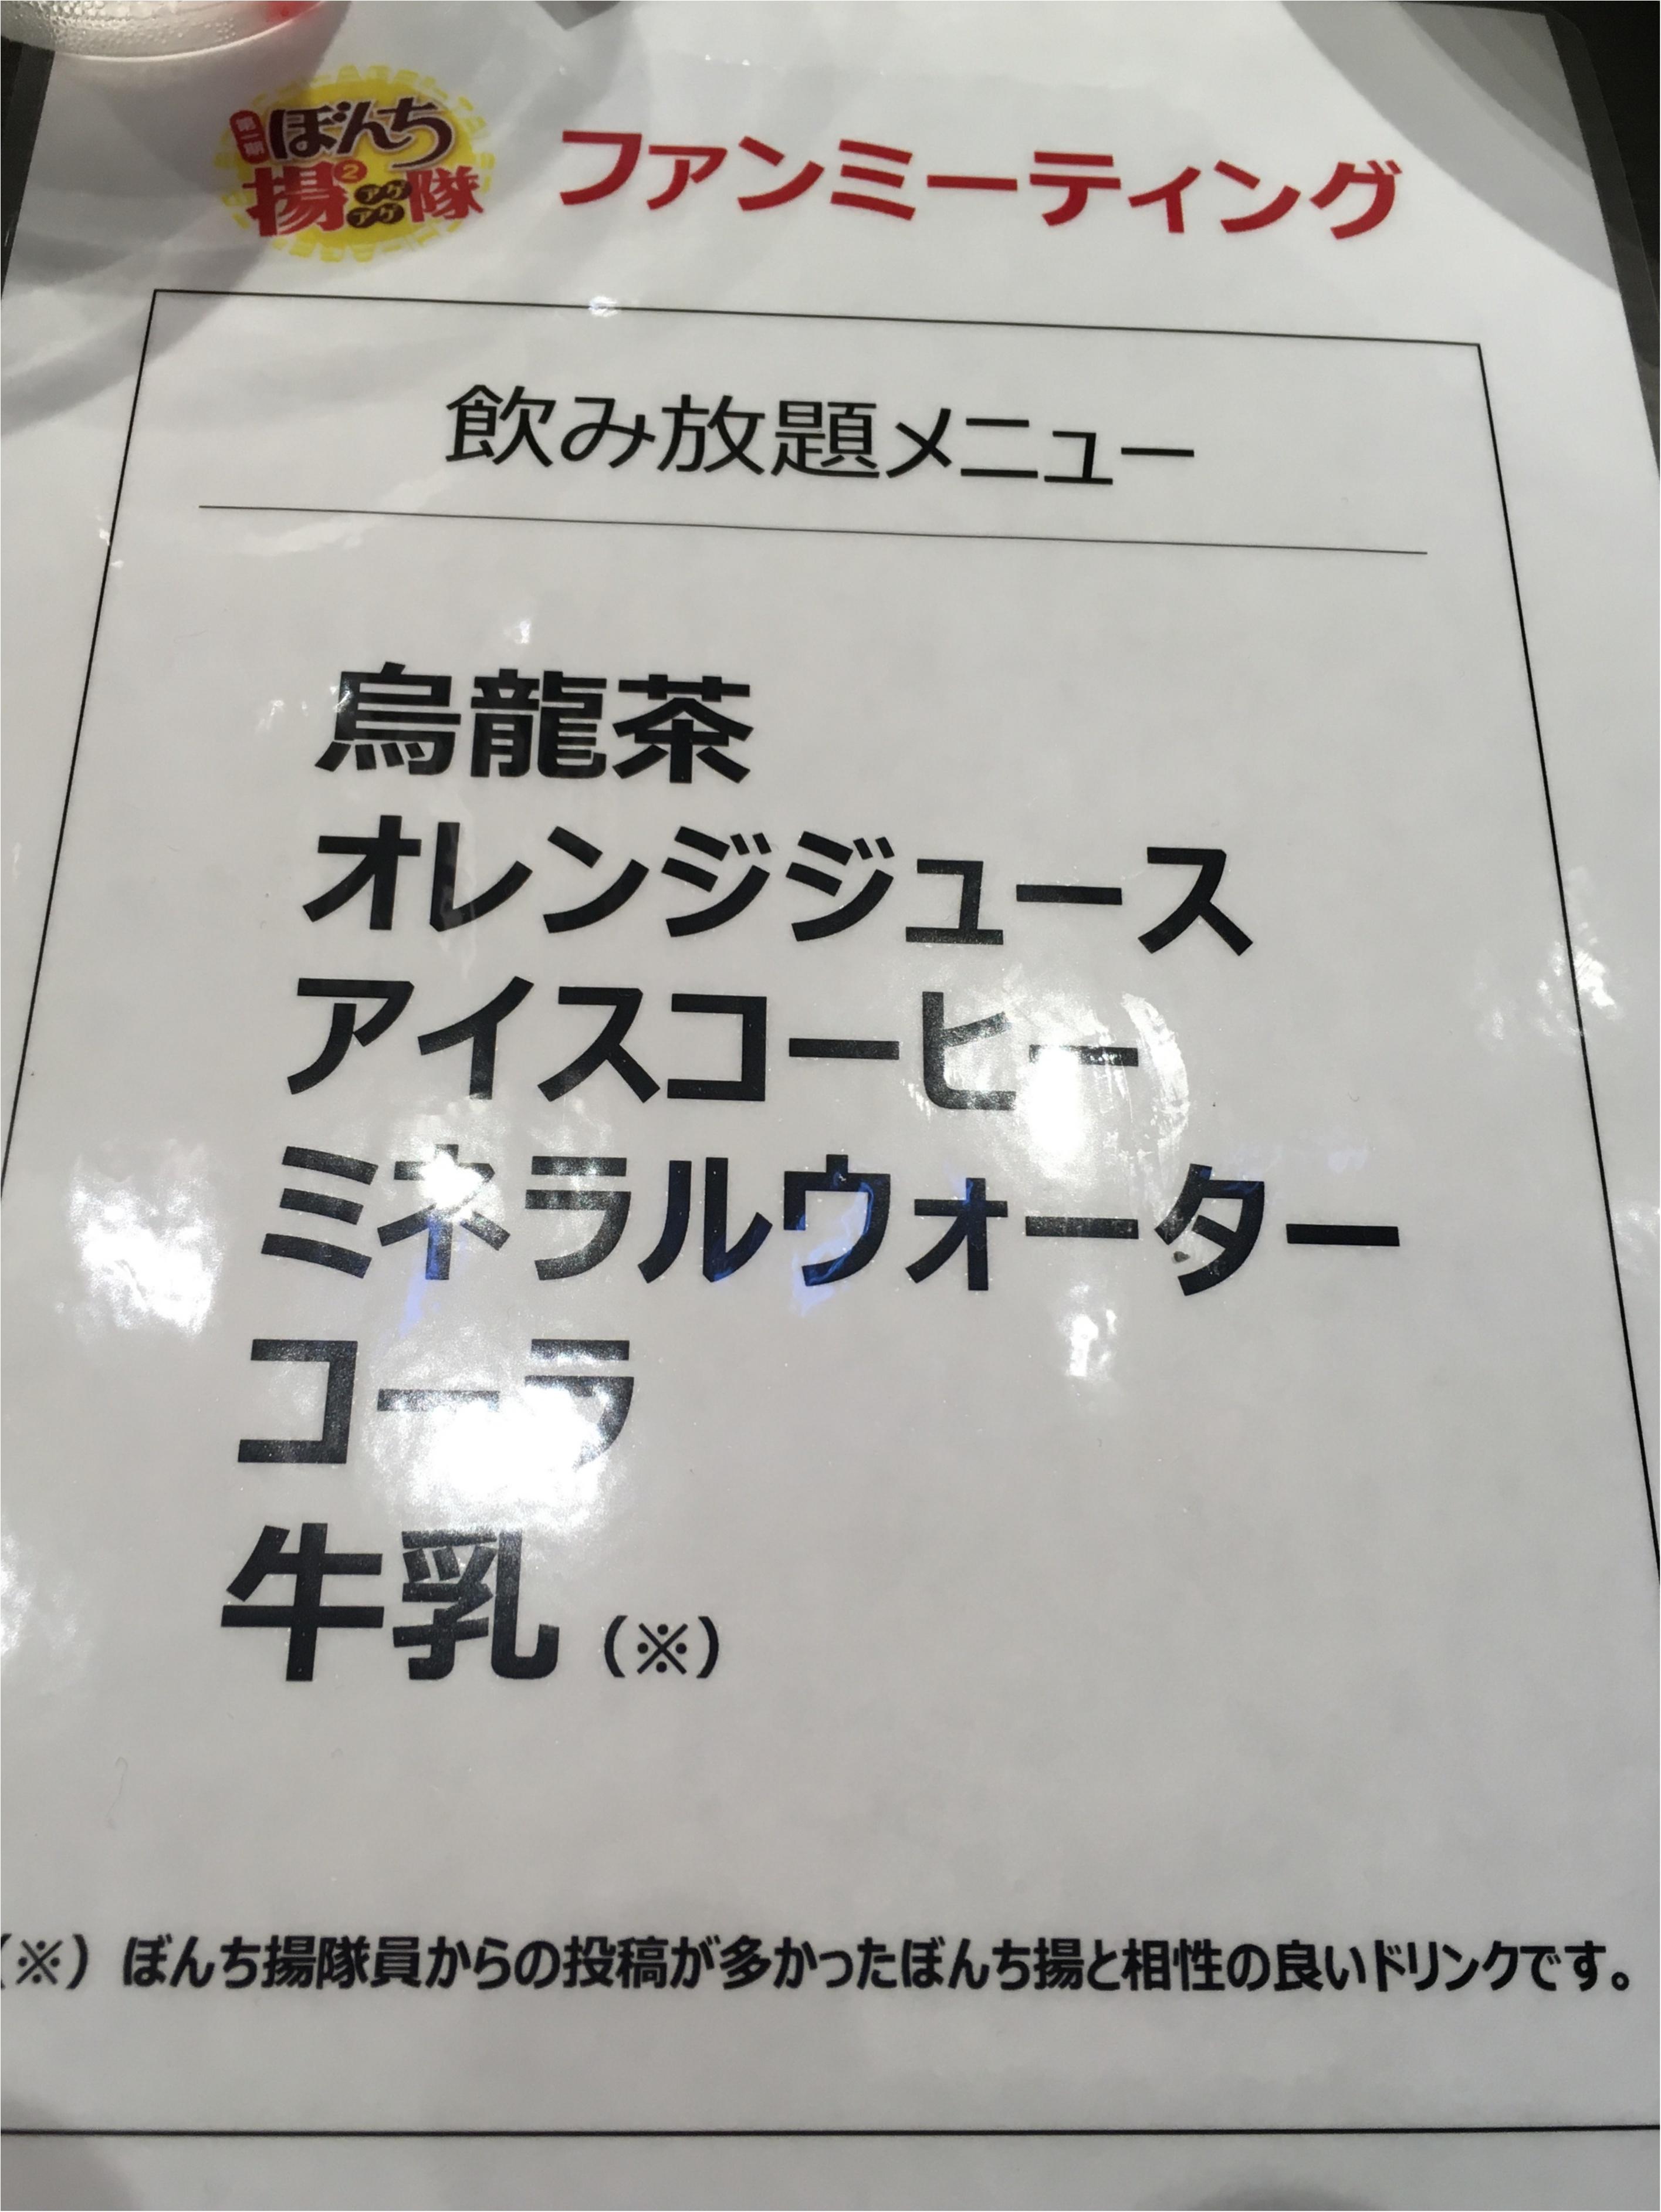 関西のソウルフード「ぼんち揚」‼︎関東にも広めたい‼︎第1期ぼんち揚2隊のイベントに参加してきました☆_5